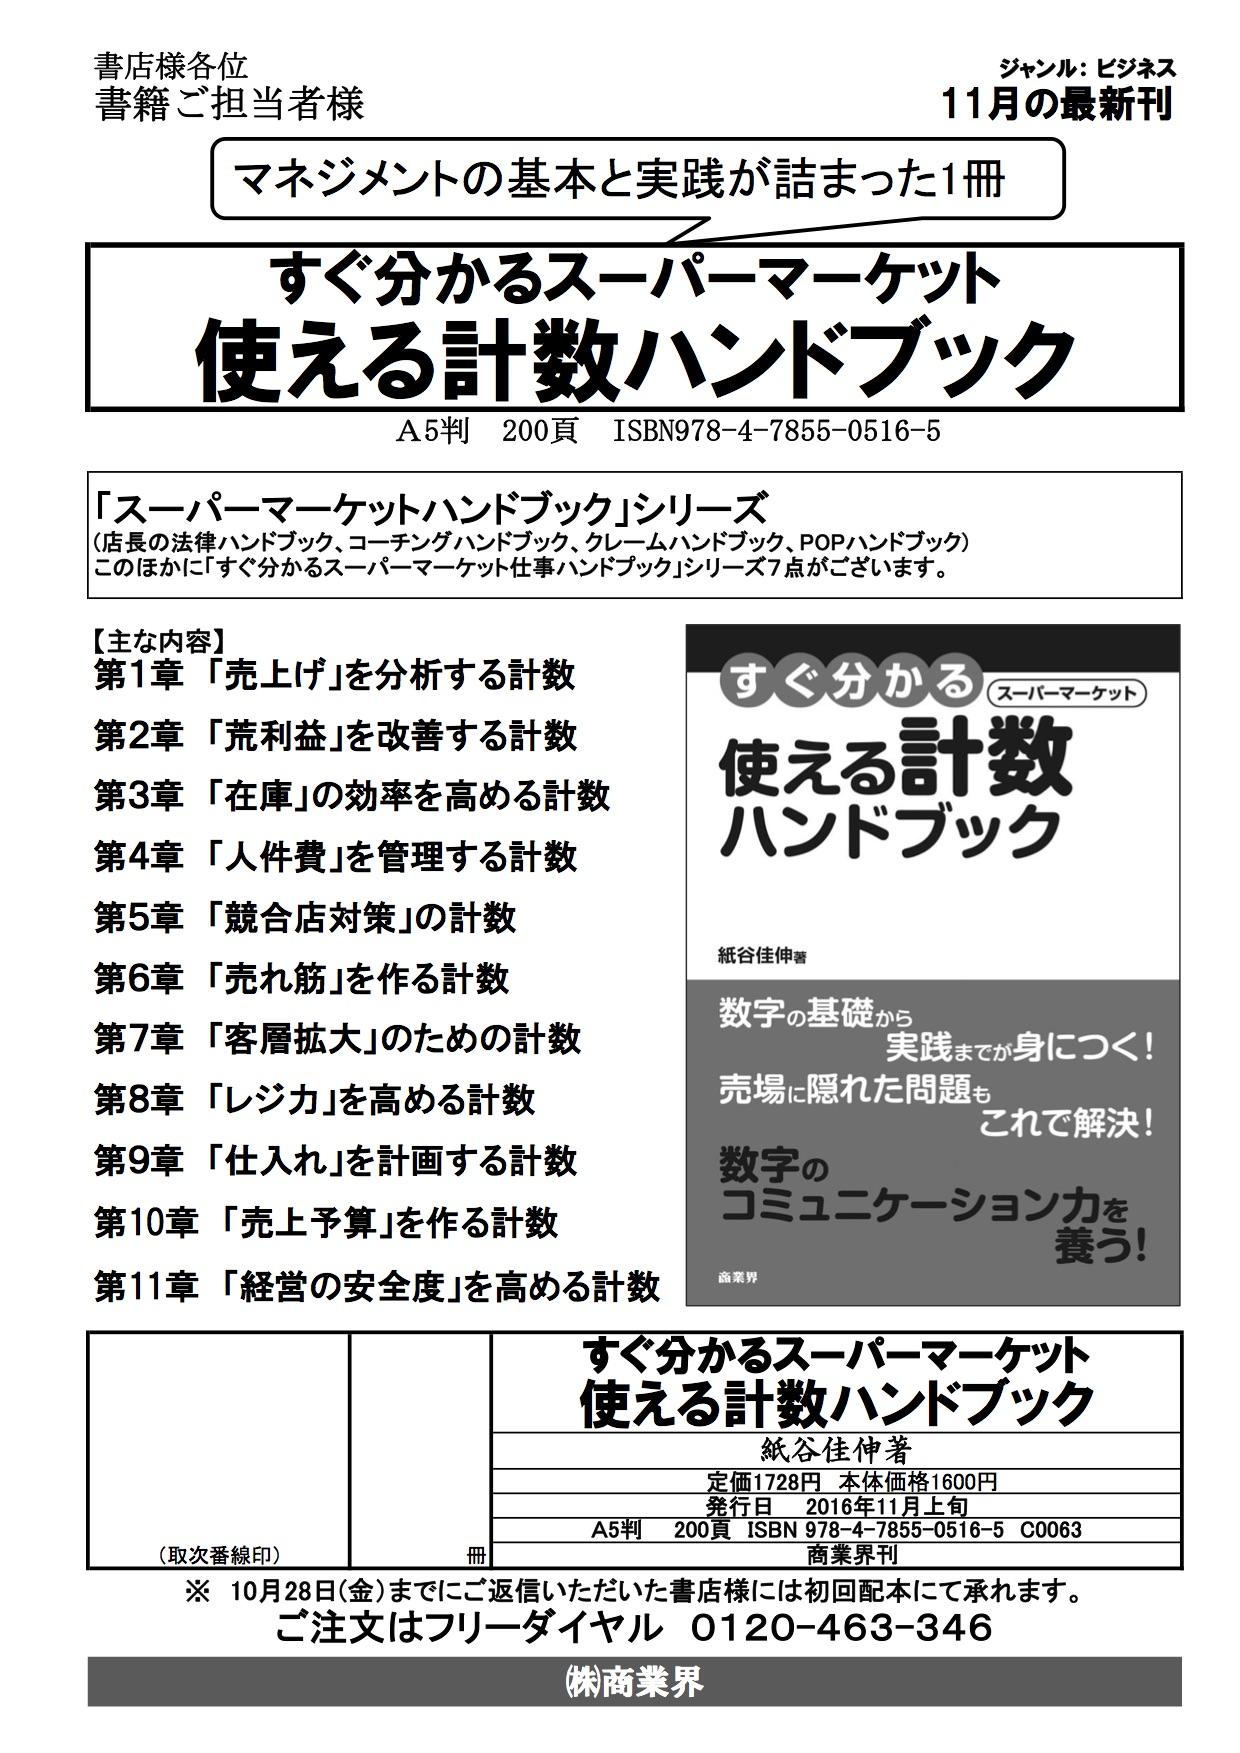 shogyokai-20161017